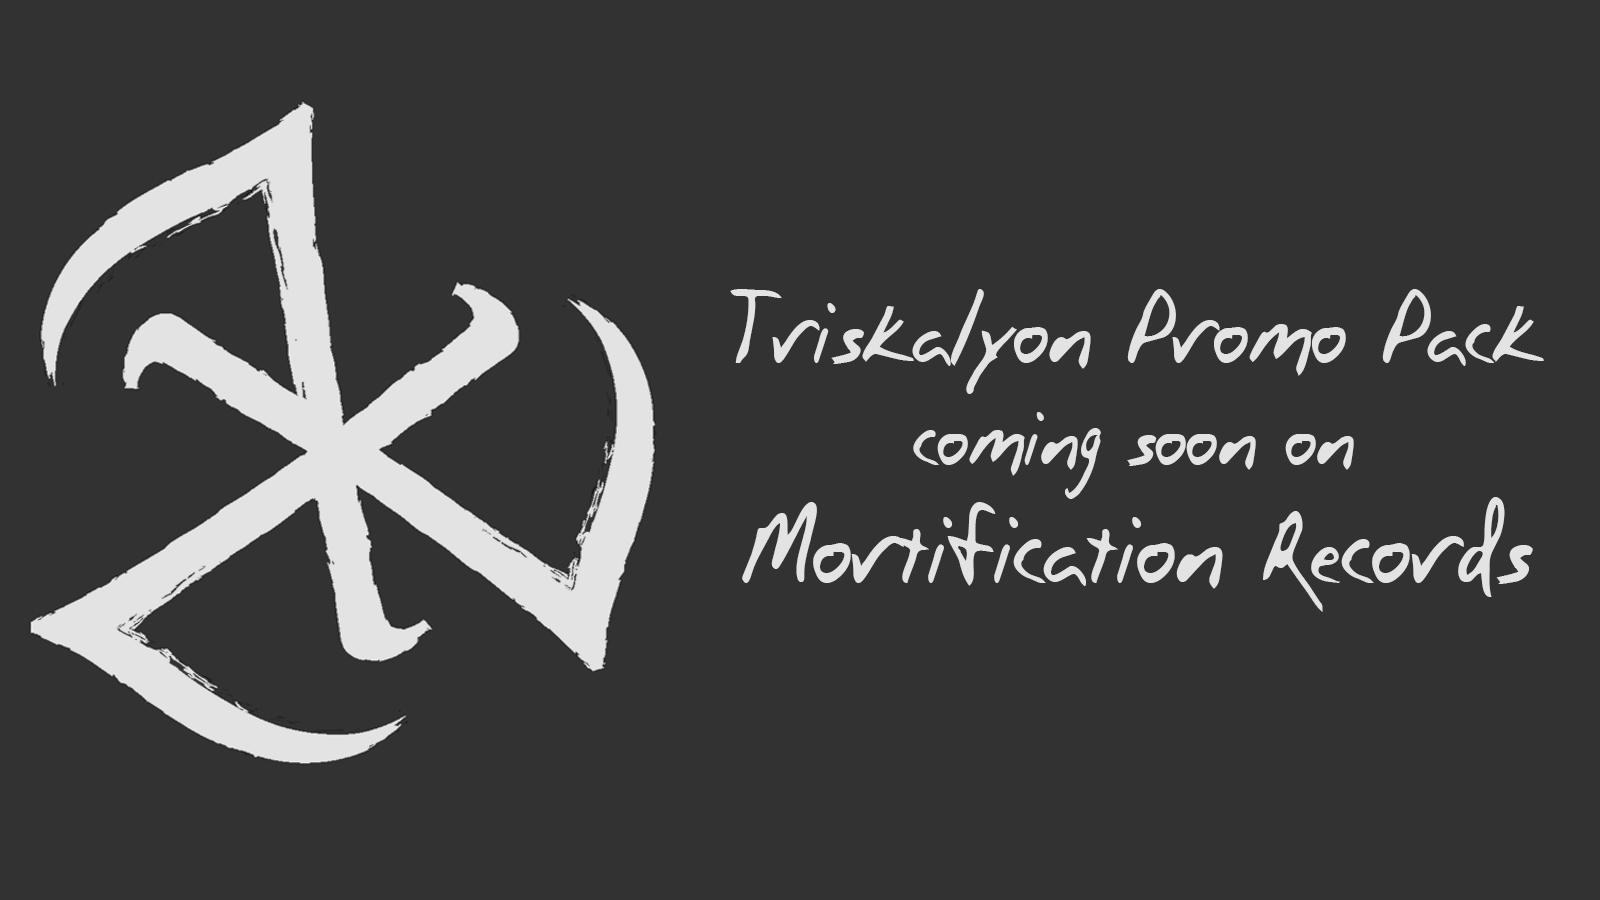 Vision Éternel To Appear On Triskalyon Promo Pack Compilation